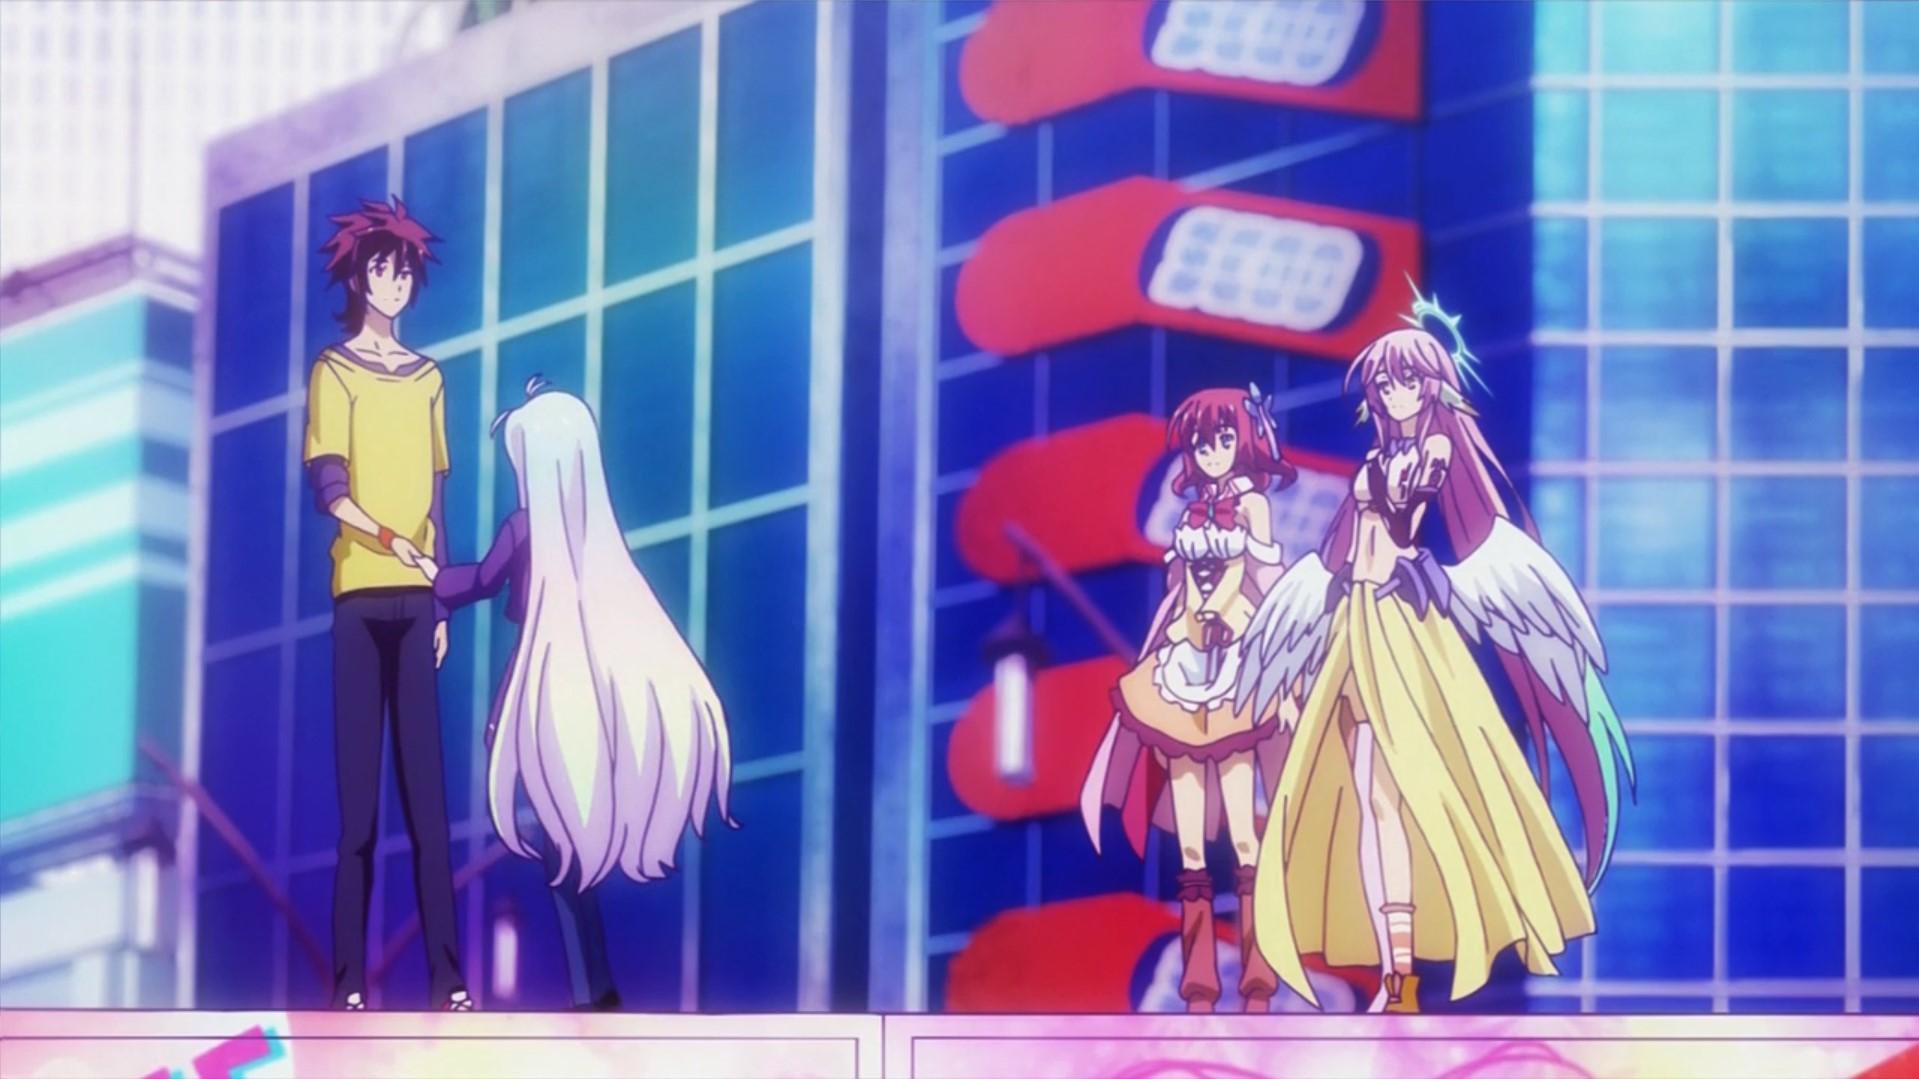 Oregairu аниме смотреть 2 сезон